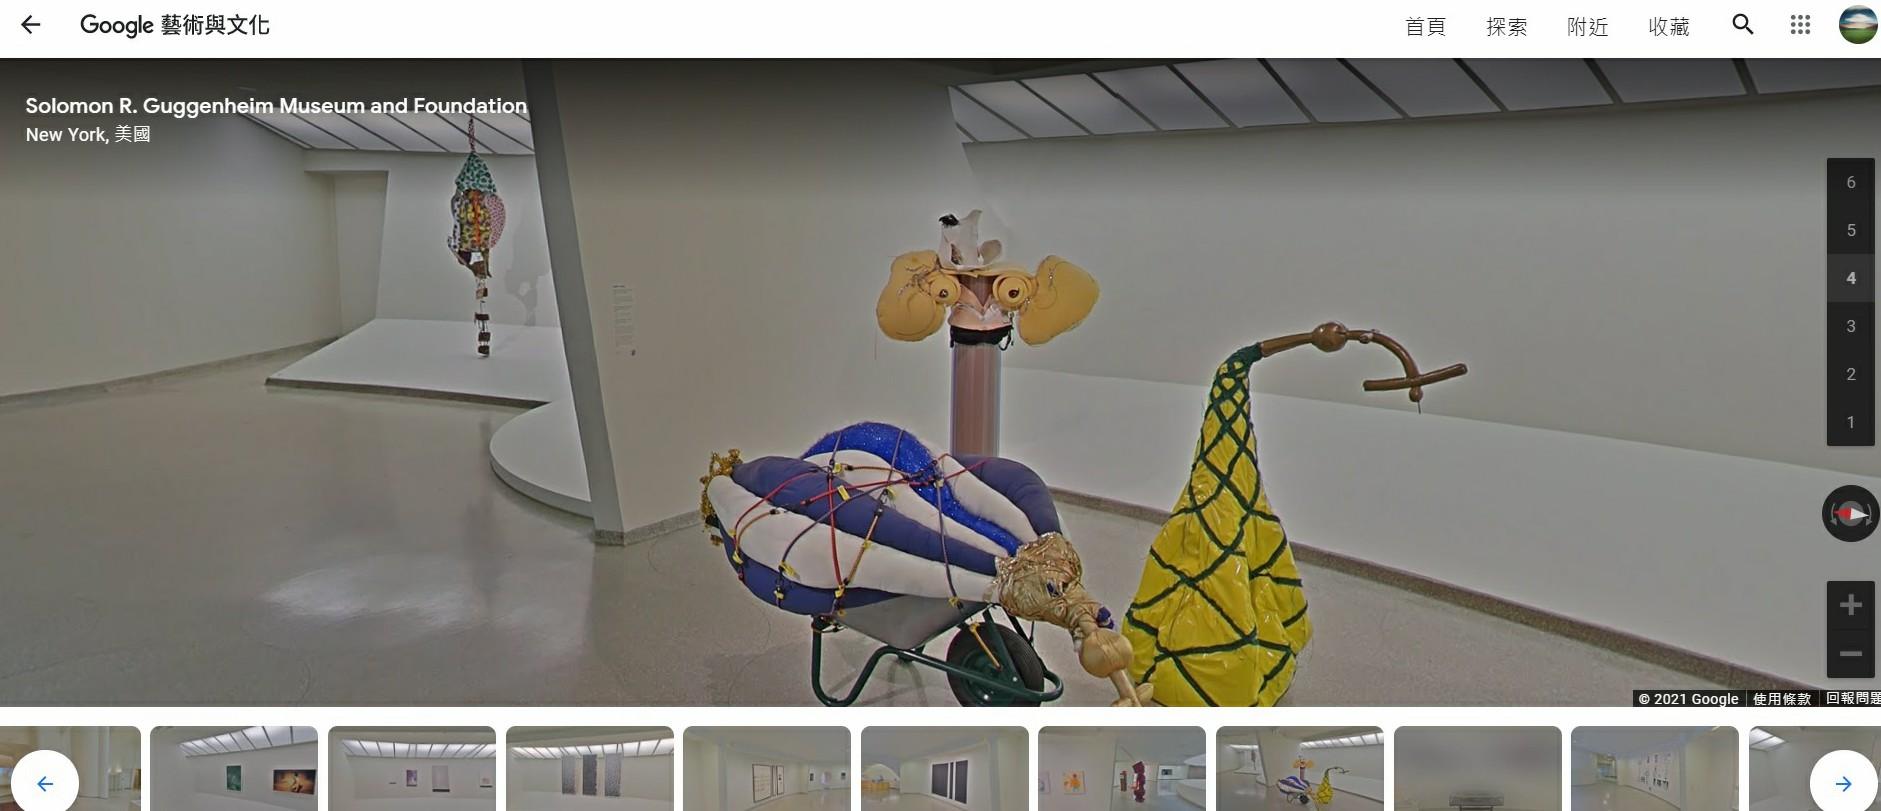 紐約,所羅門·R·古根漢美術館,古根漢美術館,美國紐約古根漢美術館,古根海姆博物館,Google Arts & Culture,Google 藝術與文化,虛擬實境美術館,線上展覽,線上美術館